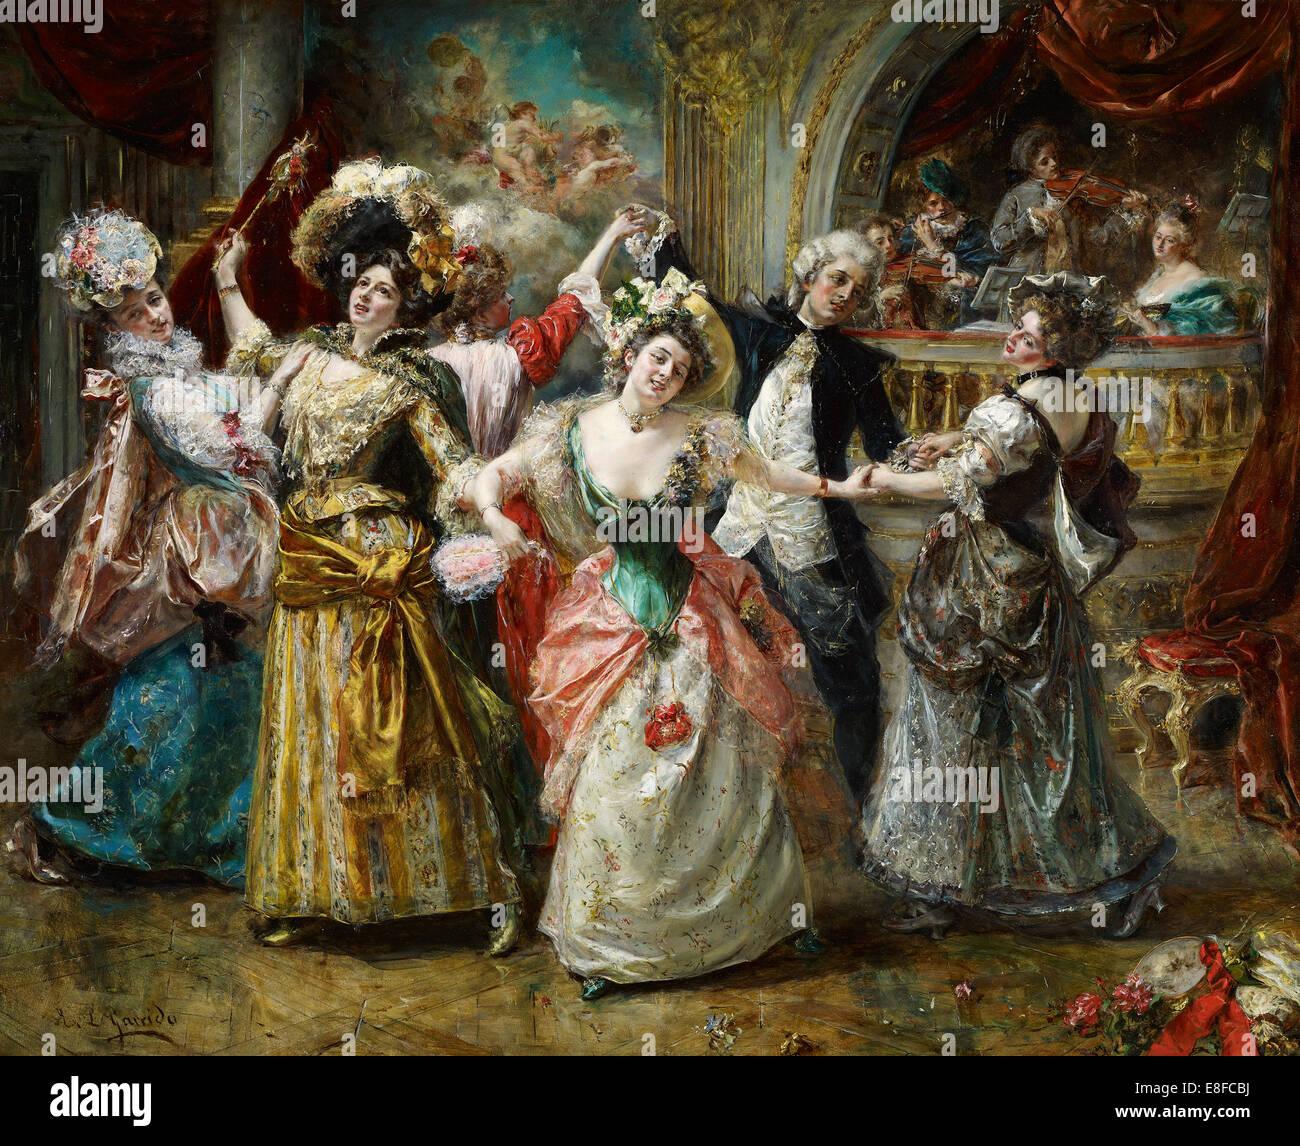 Der Beau bei der Soirée. Künstler: Garrido, Eduardo León (1856-1949) Stockbild